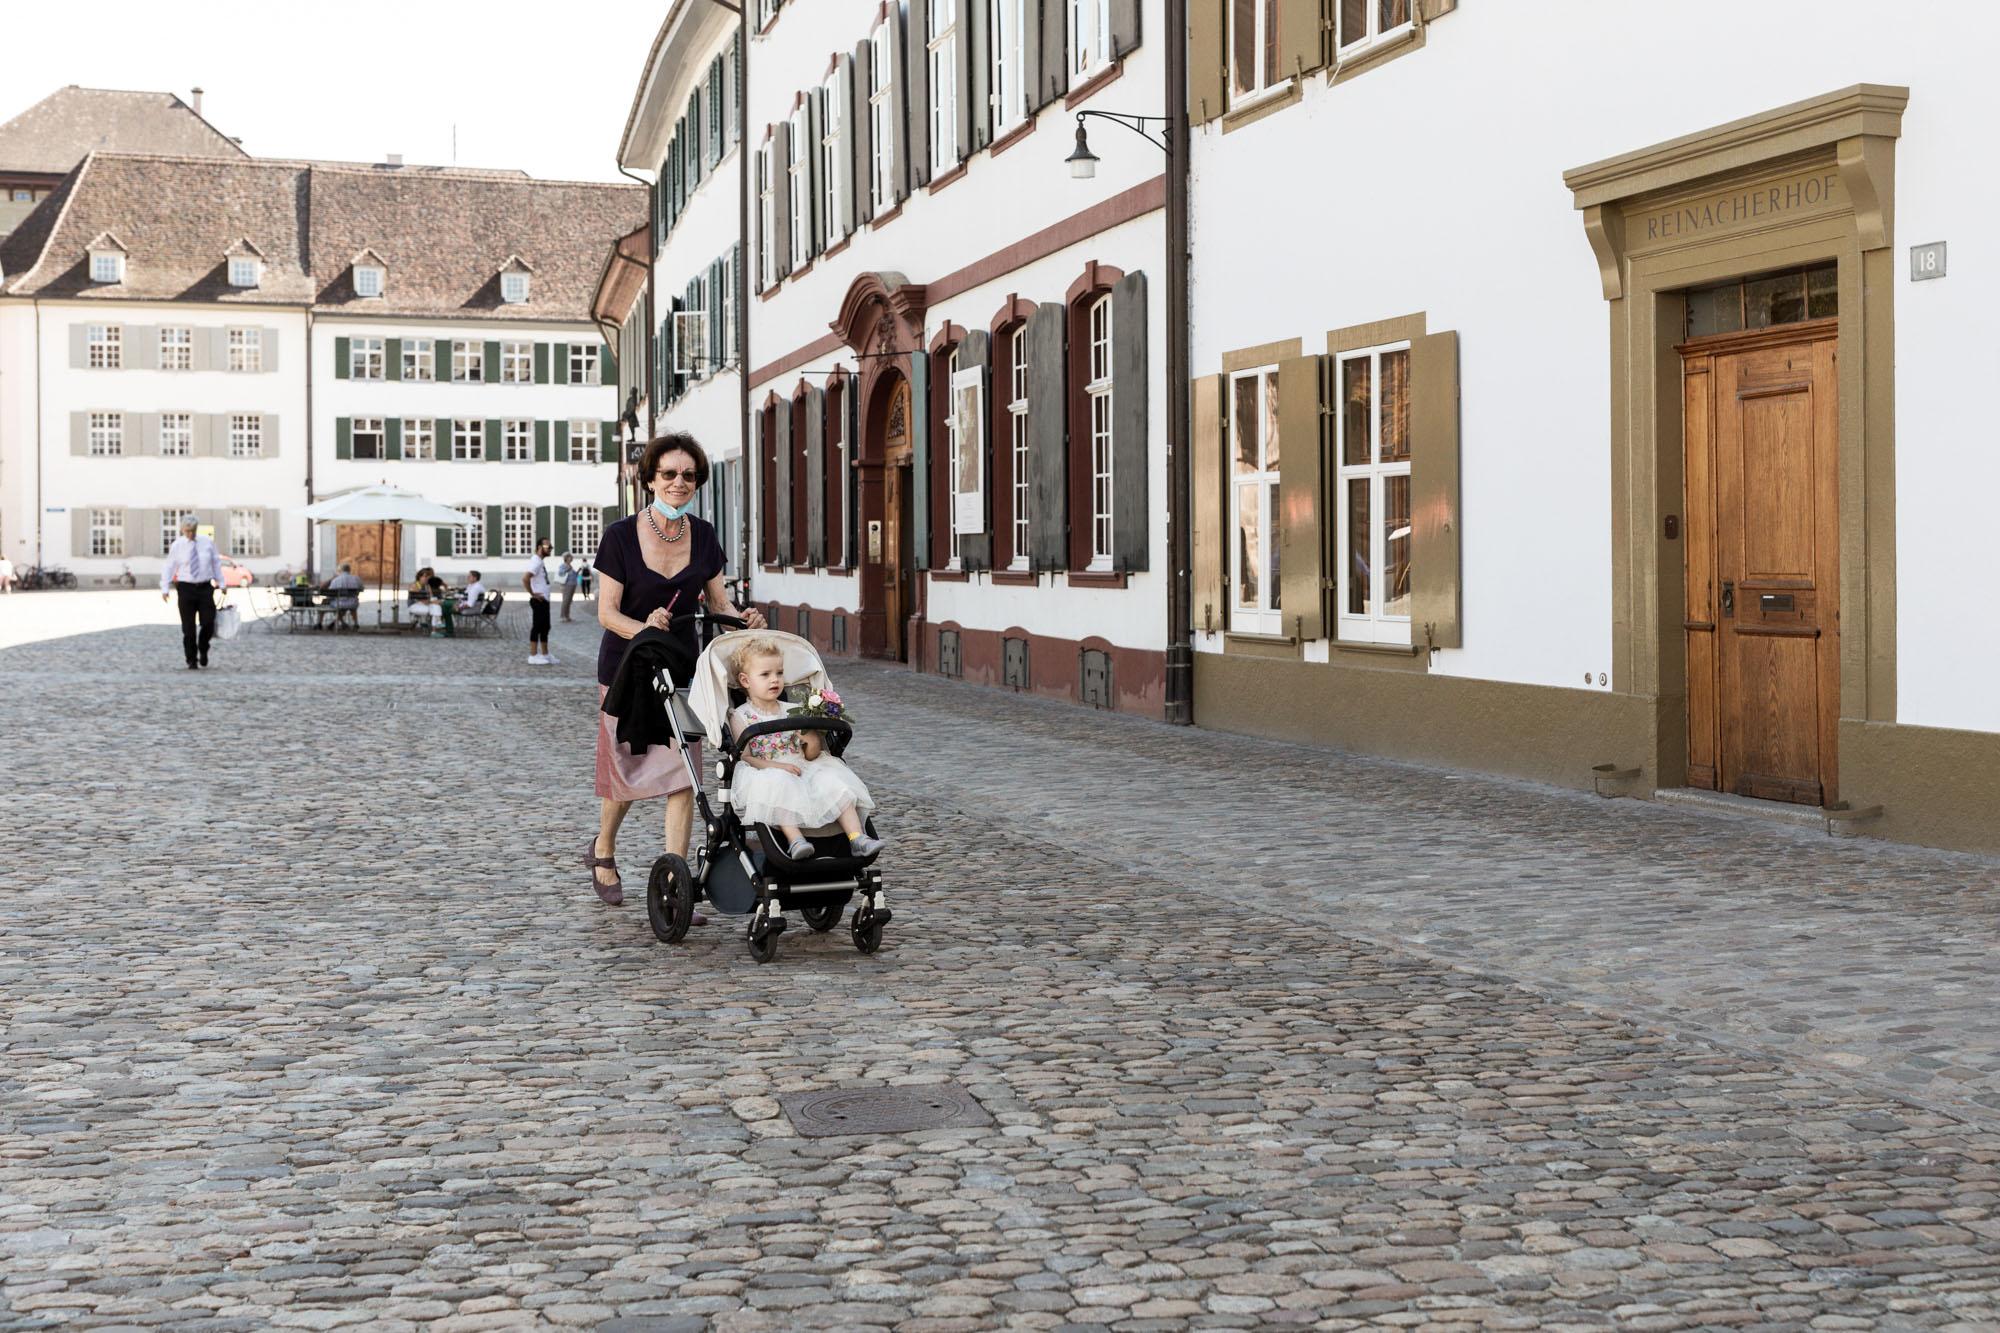 Die Oma bringt die süsse Tochter dem Brautpaar auf dem Münsterplatz - Hochzeitsfotografen Basel